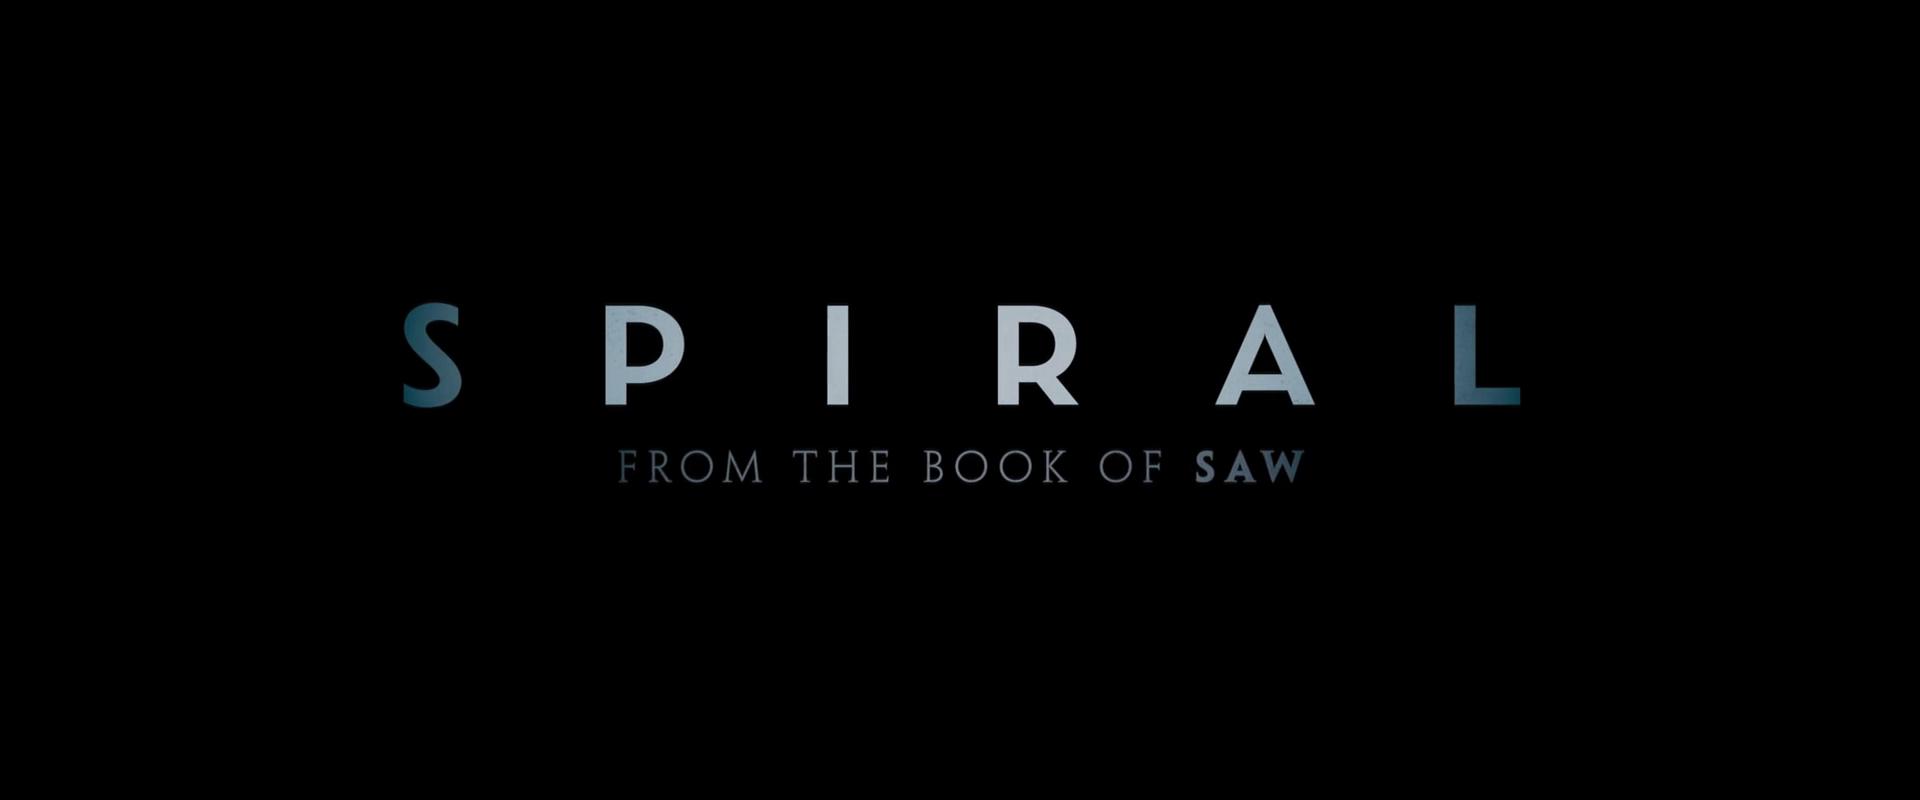 Espiral: El juego del miedo continúa (2021) 1080p BRrip Latino